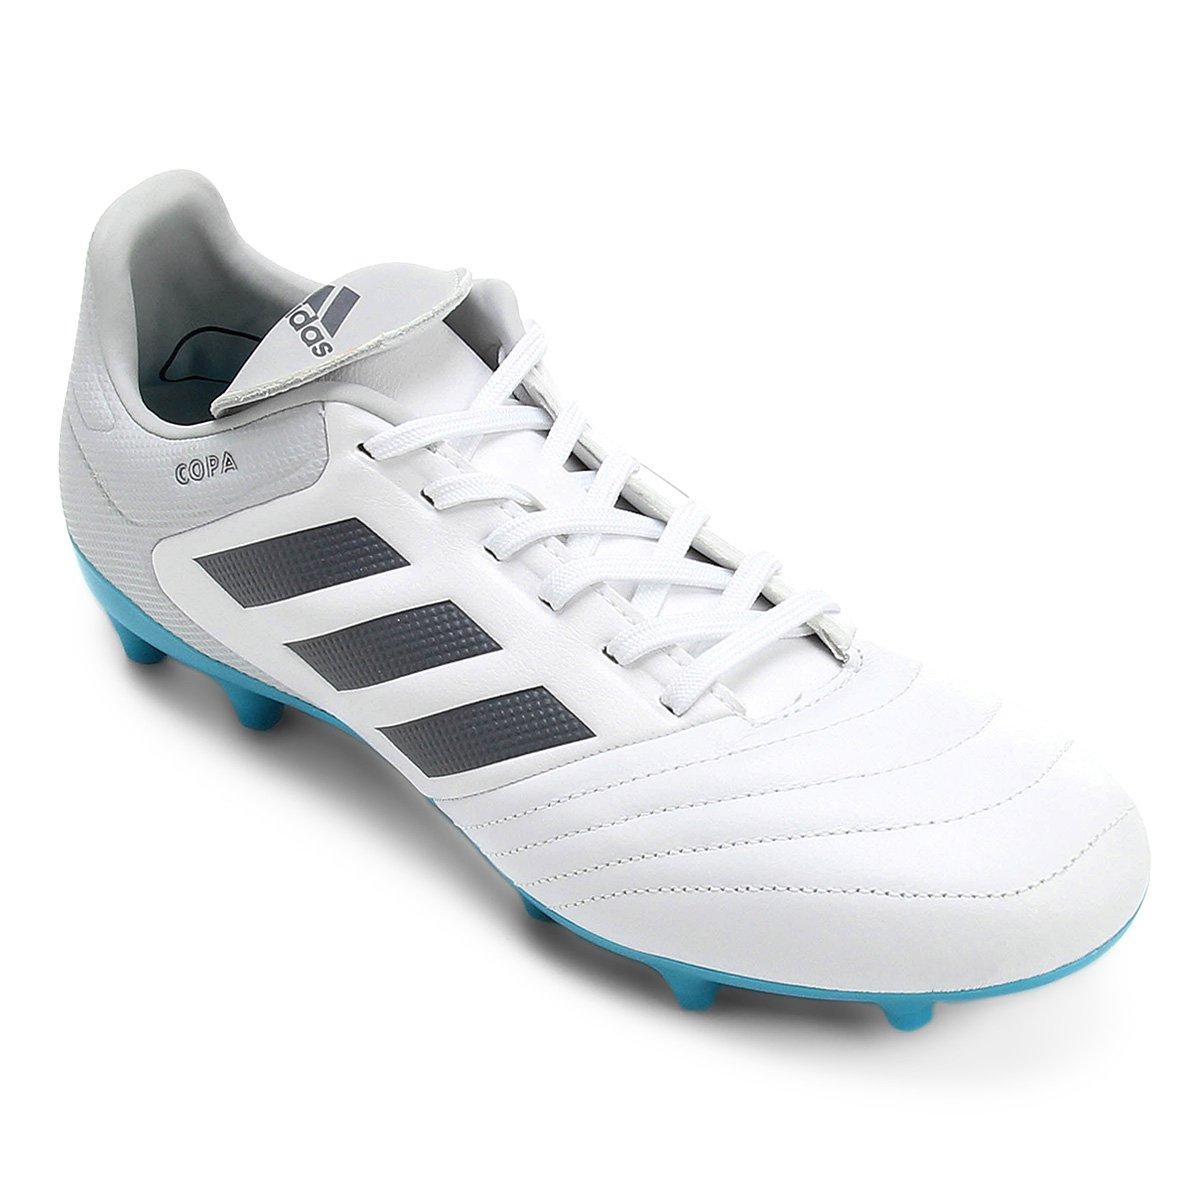 Chuteira Campo Adidas Copa 17.3 FG Masculina - Branco - Compre Agora ... 8bc9fda88044b